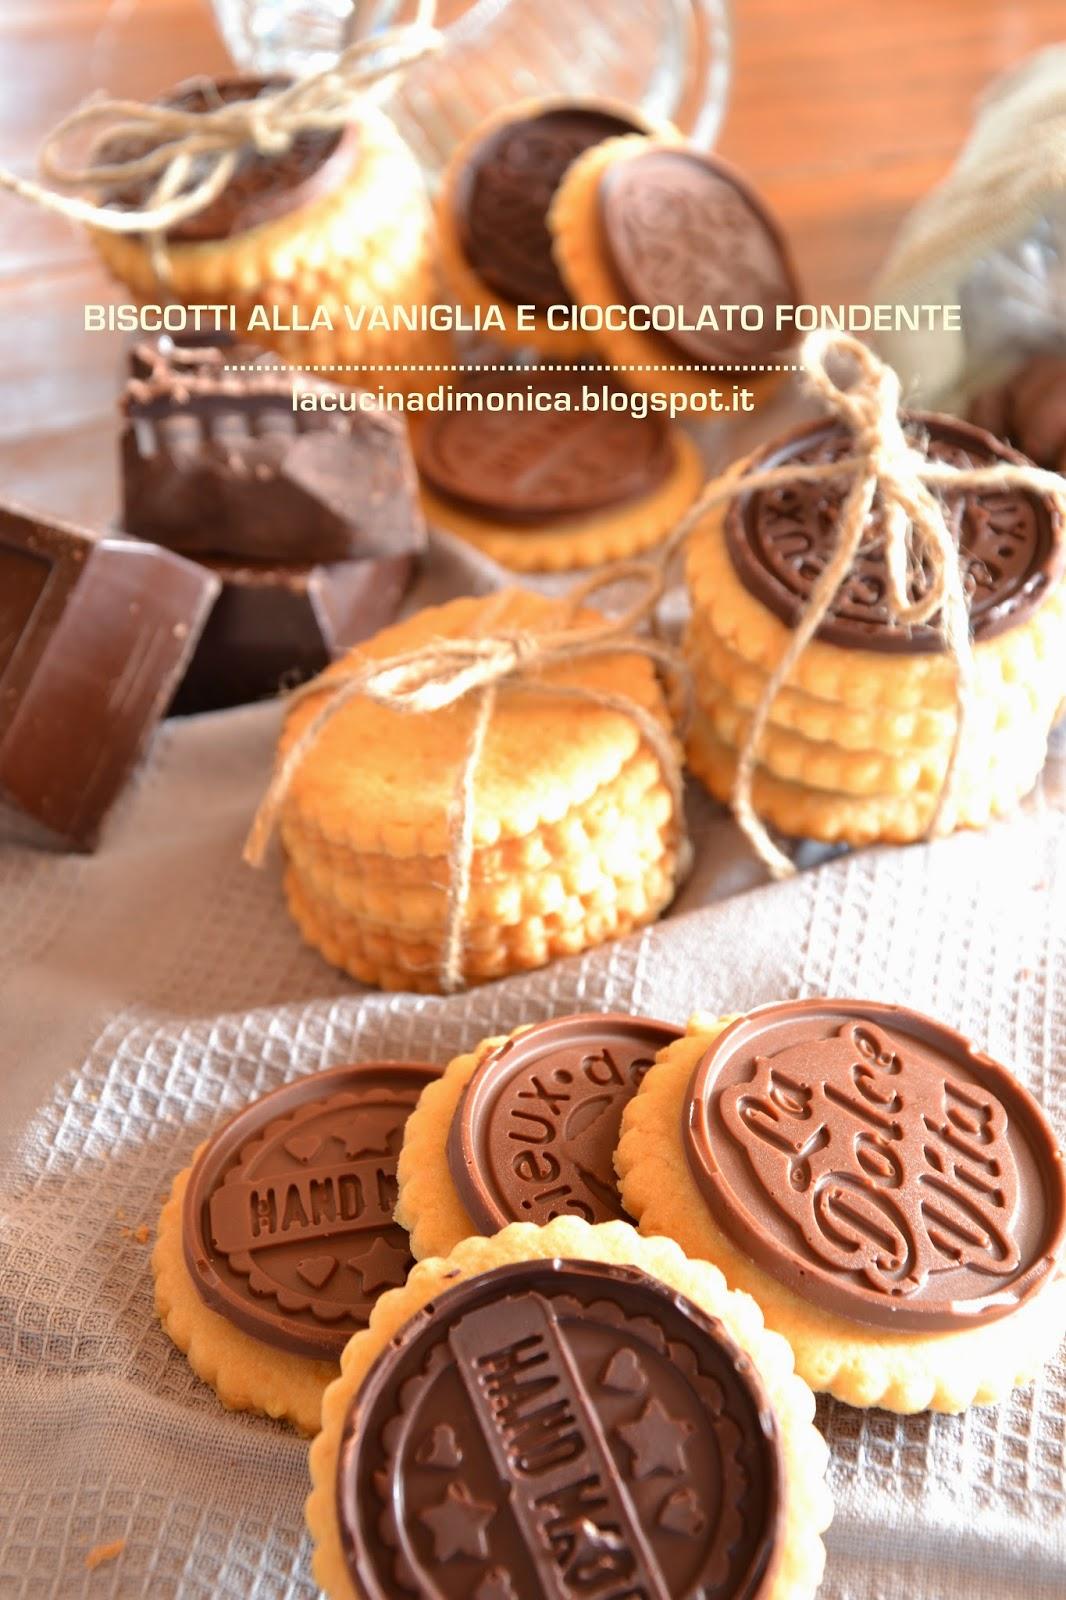 biscotti alla vaniglia e cioccolato fondente